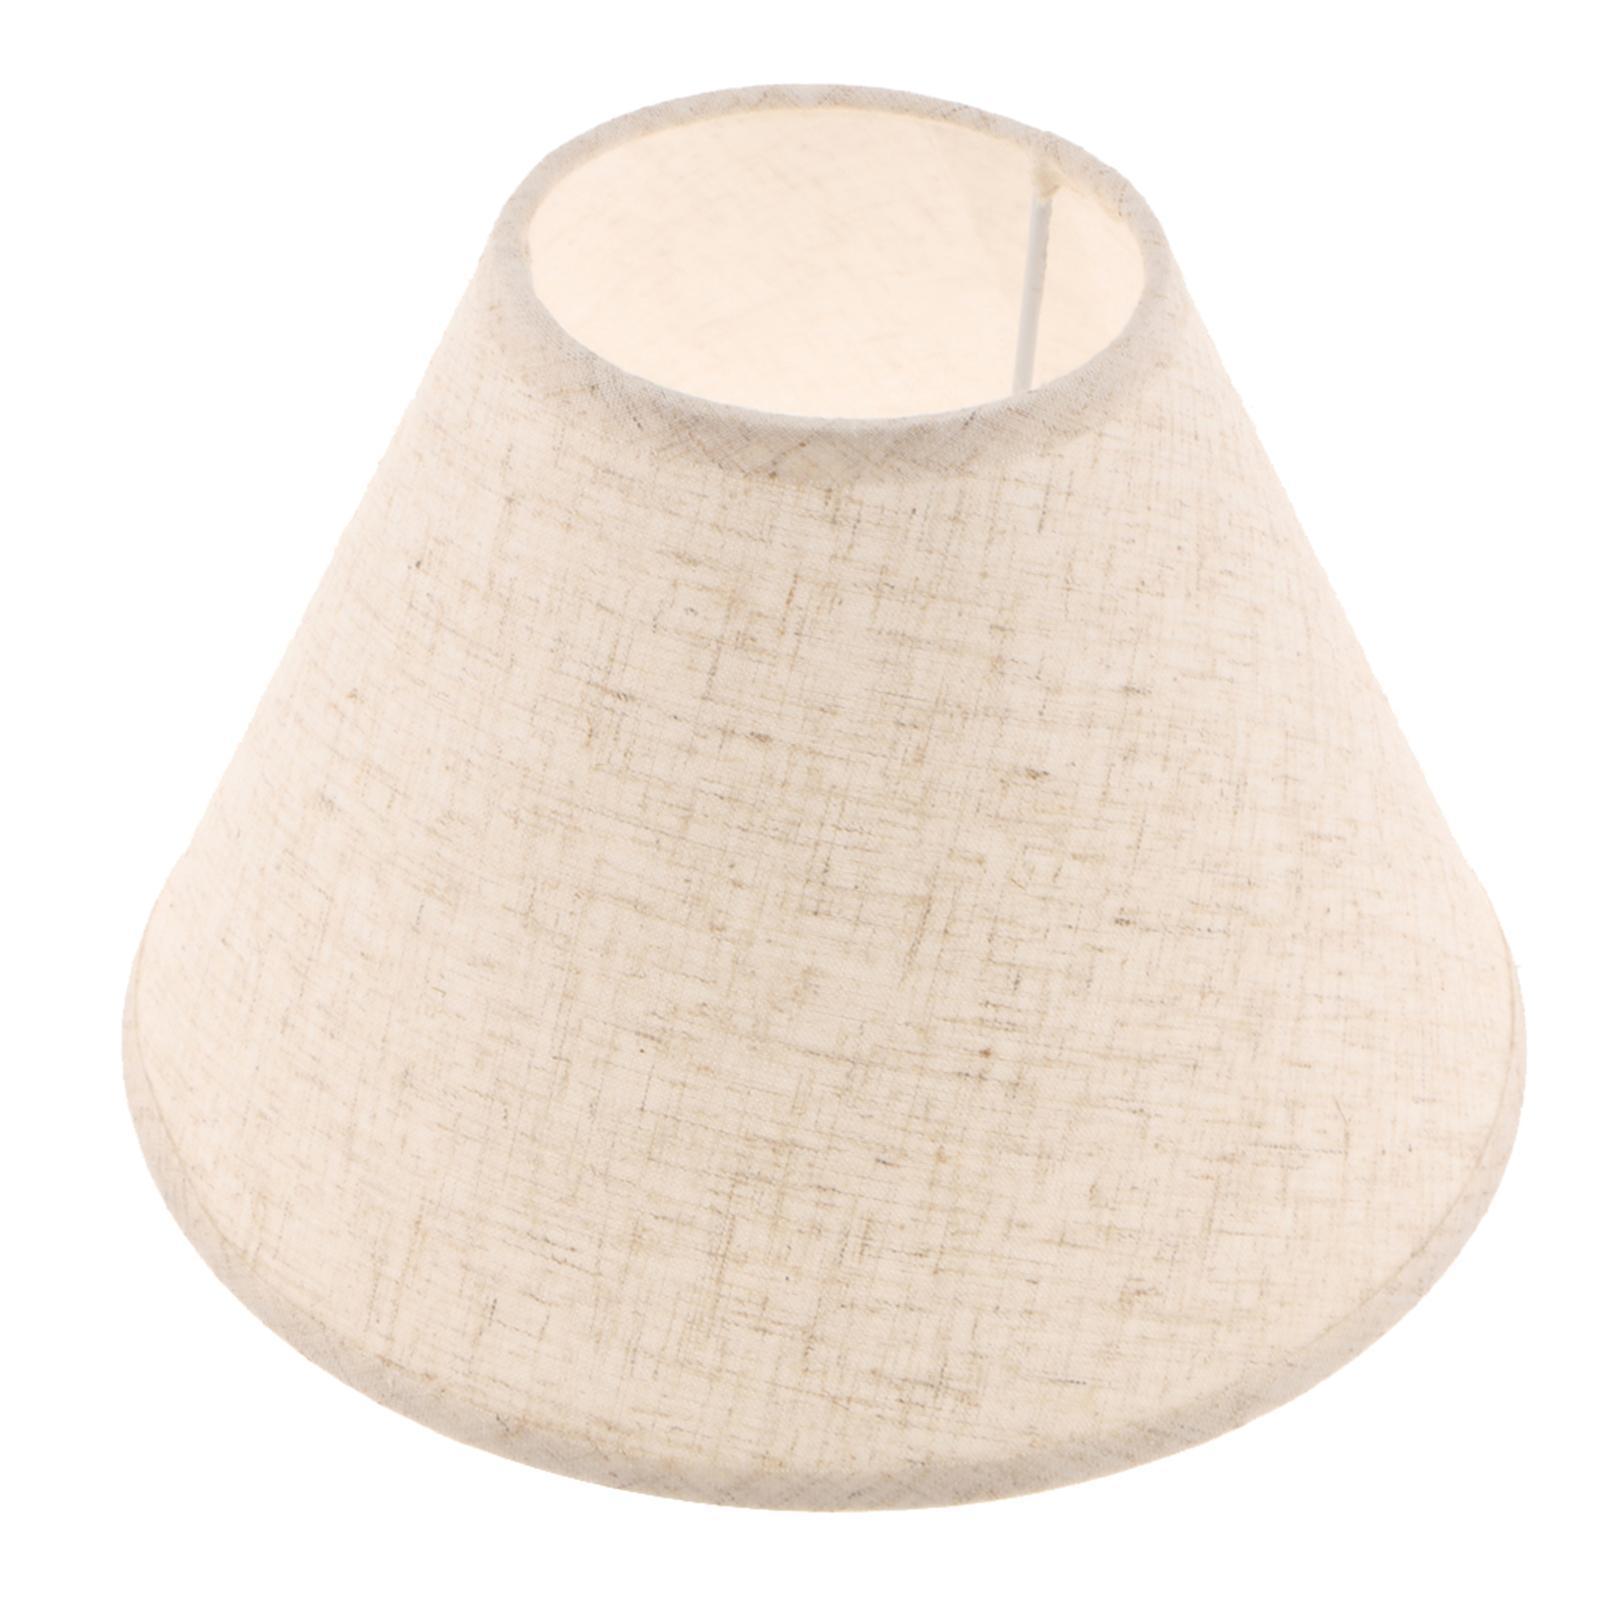 Paralume-in-Tessuto-per-lampada-da-tavolo-o-soffitto-Classico-in-Diversi-Colori miniatura 9